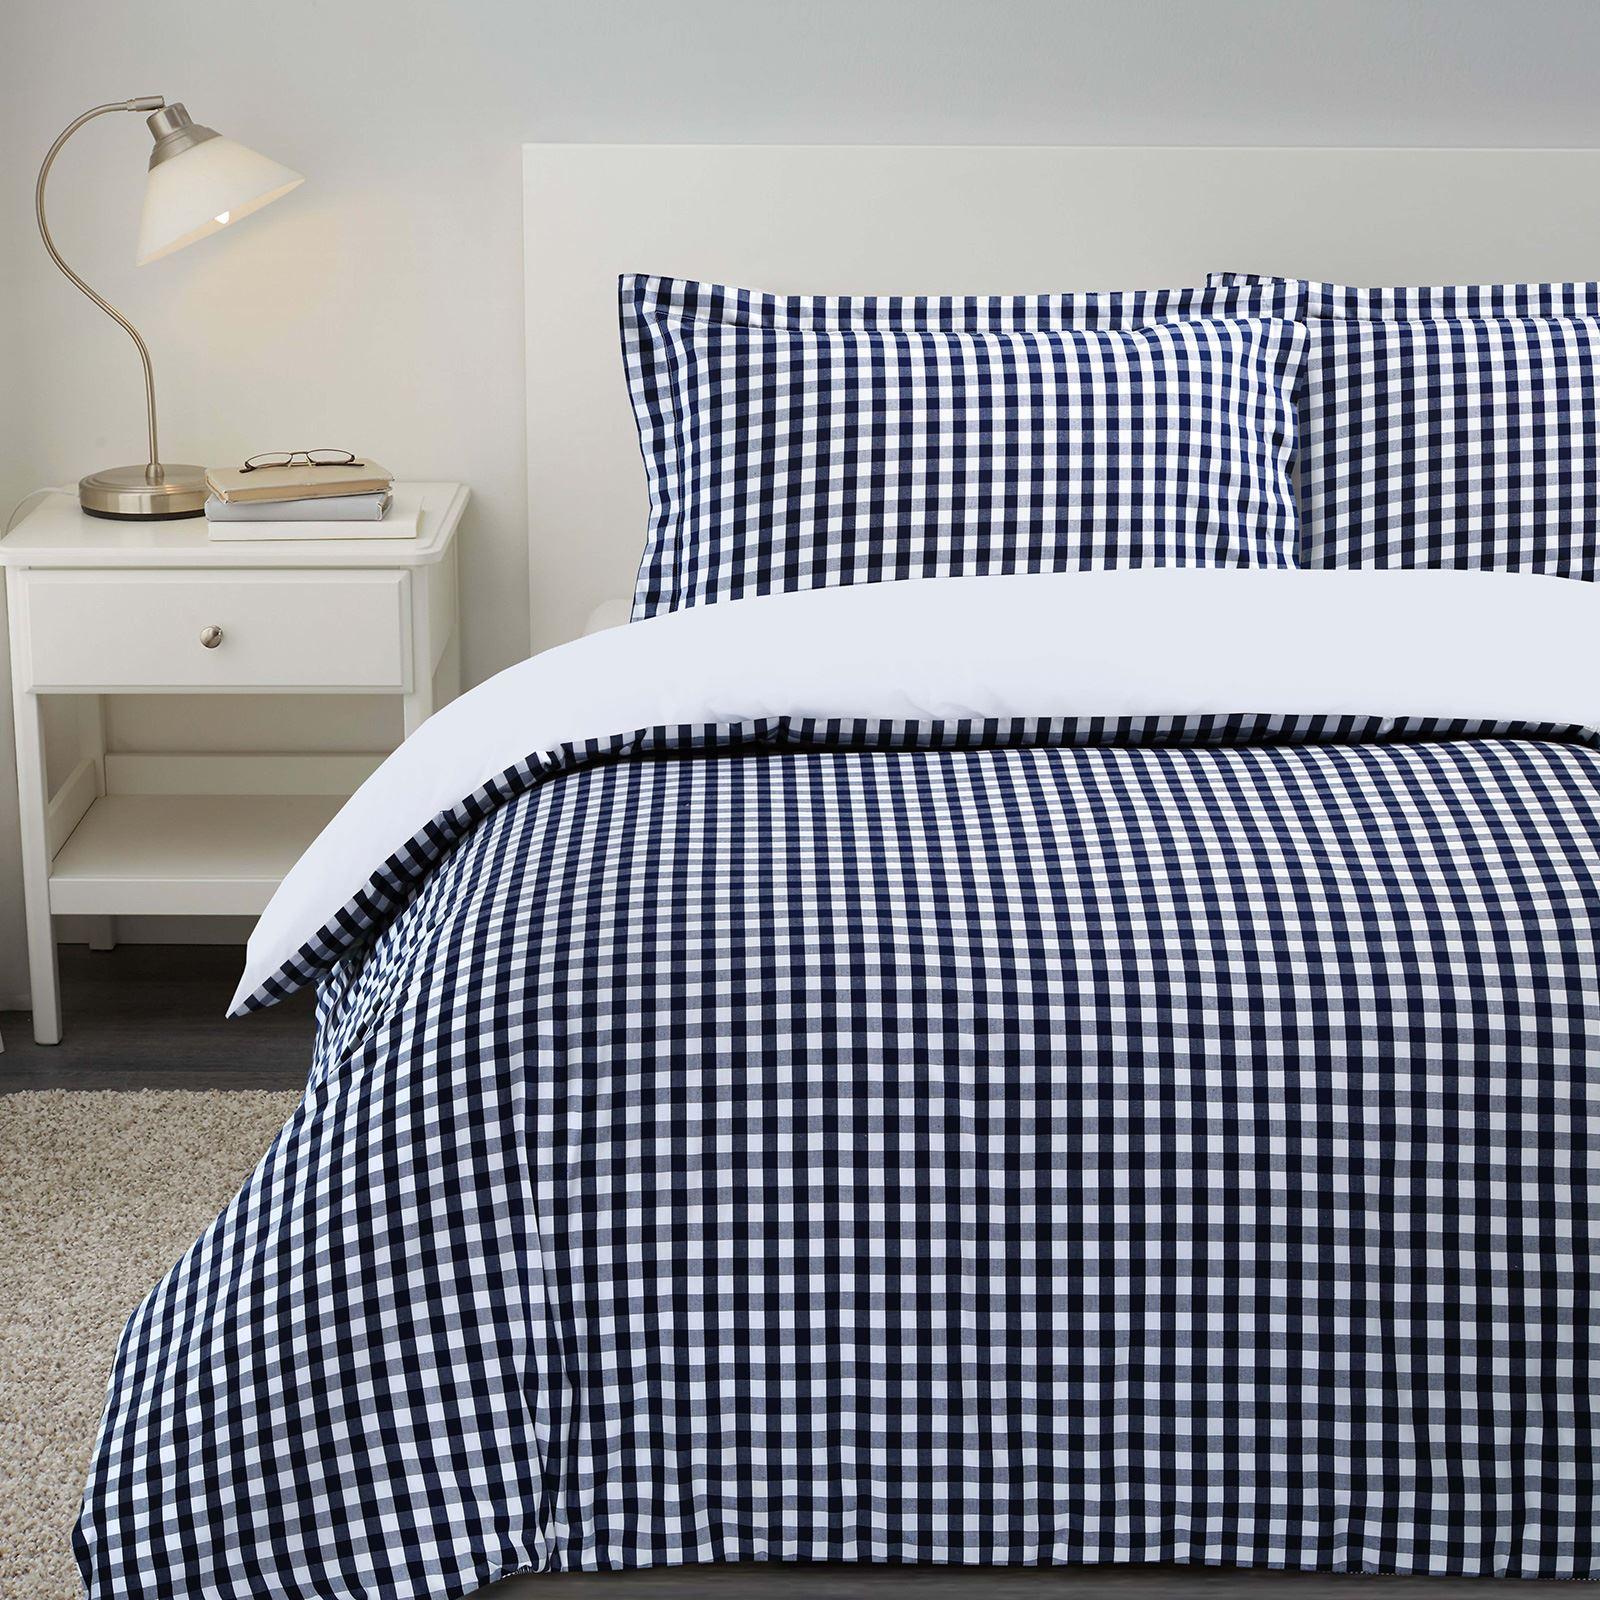 De-Lujo-Gingham-Check-Reversible-100-algodon-T200-conjunto-de-edredon-cubierta-y-fundas-de-almohada miniatura 4